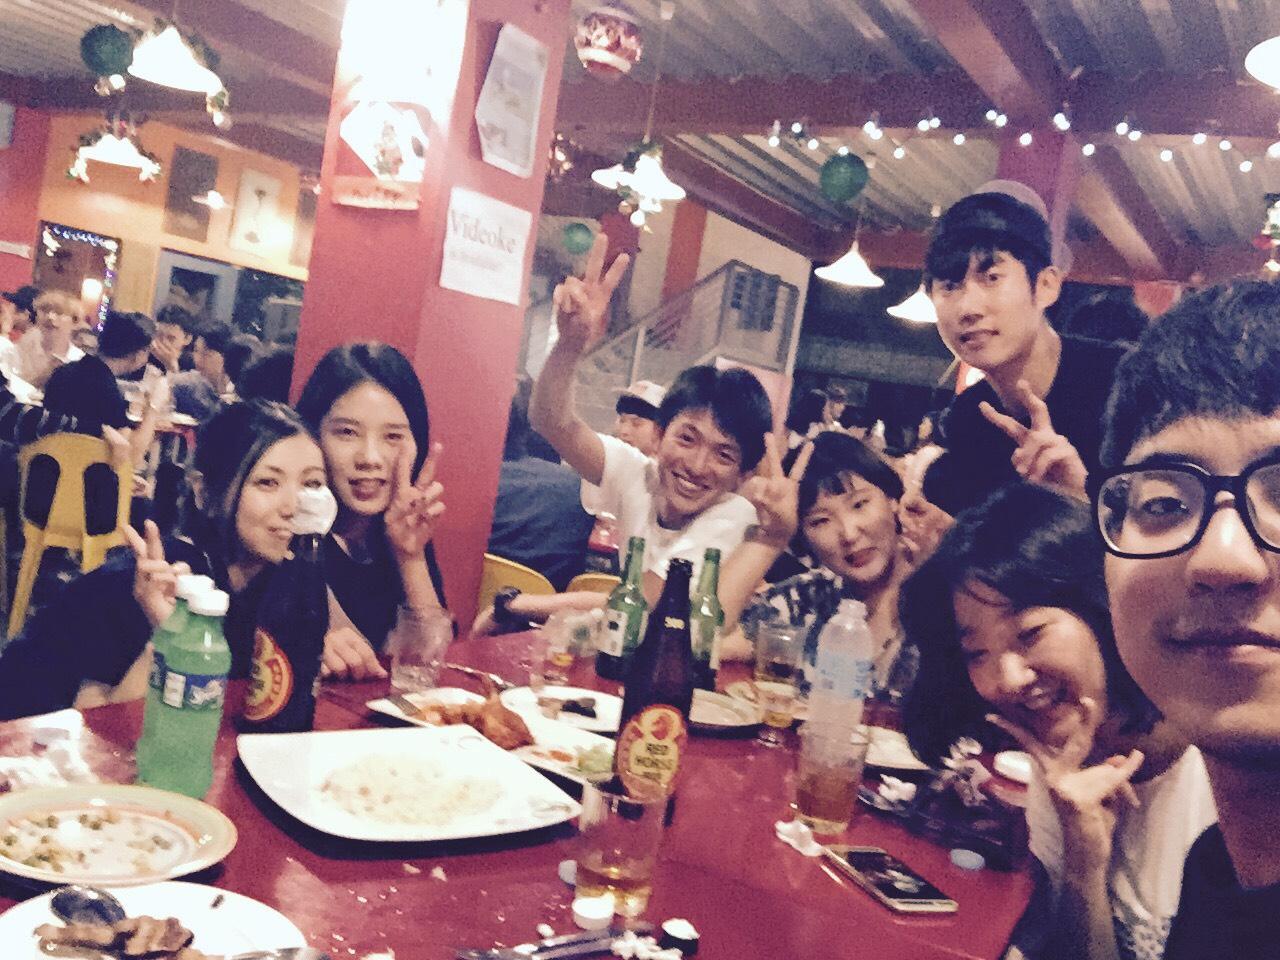 韓国、台湾、ベトナムなど多国籍のクラスメイトとディナー